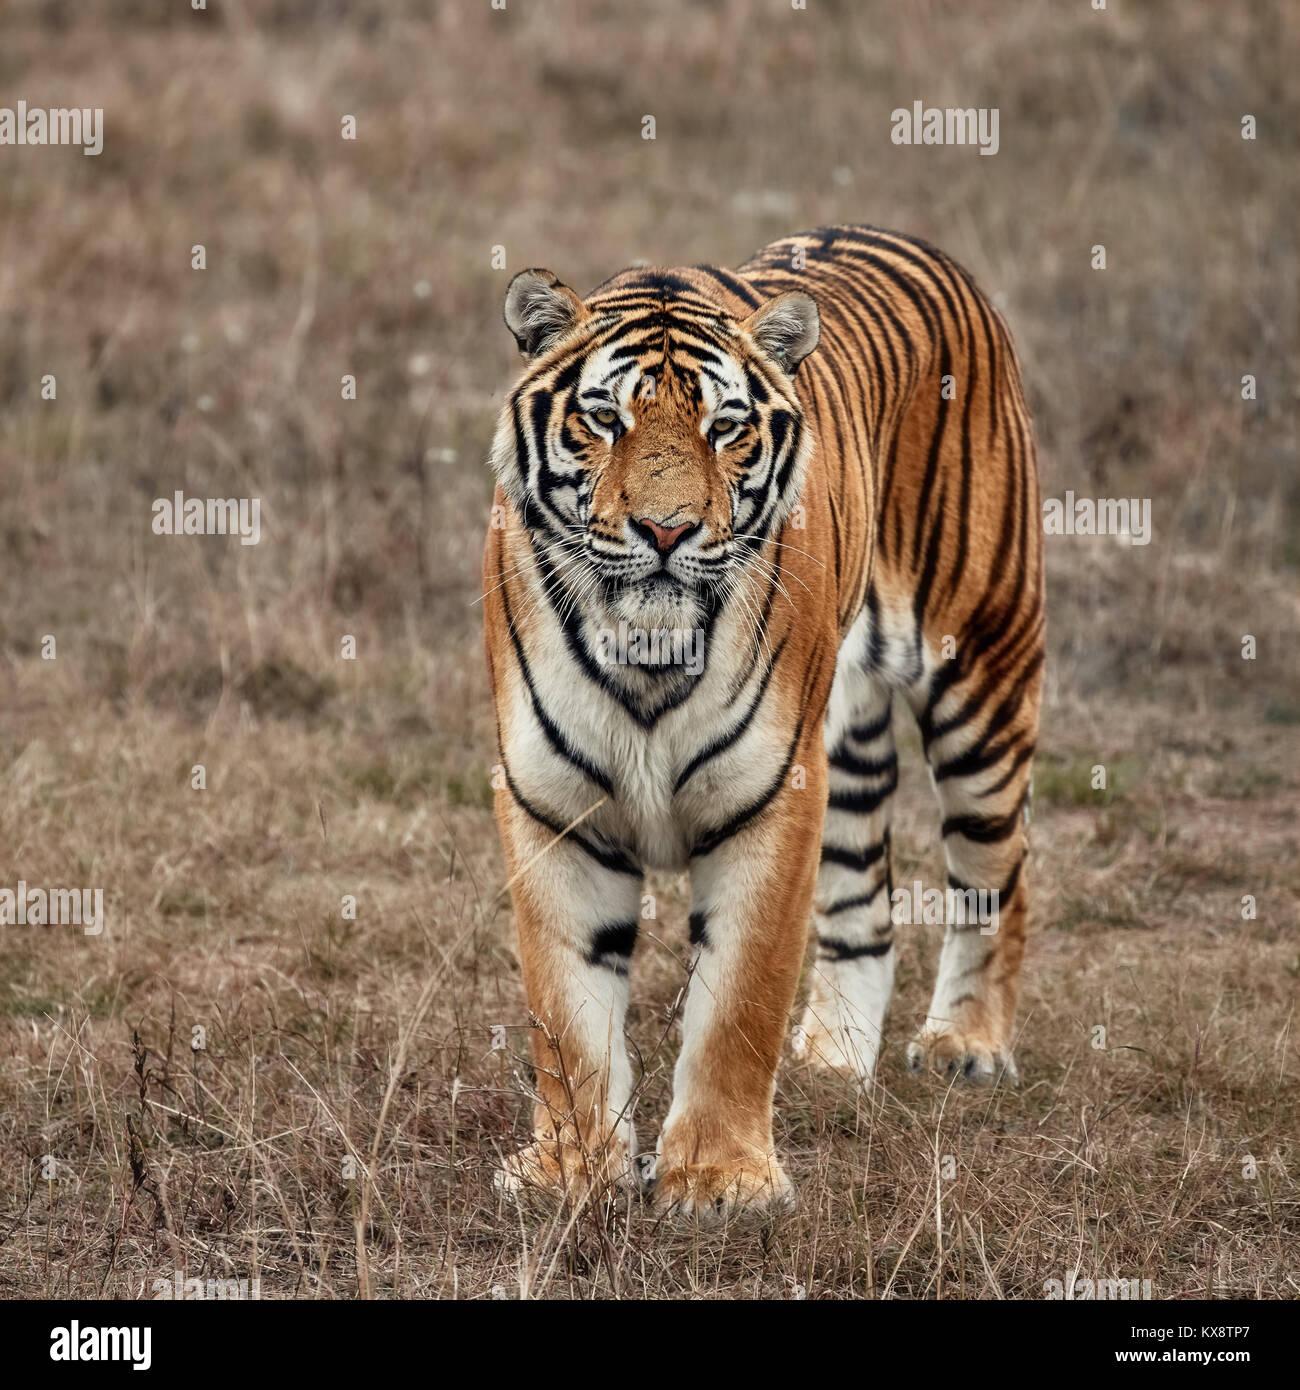 Tigre Imagen De Stock